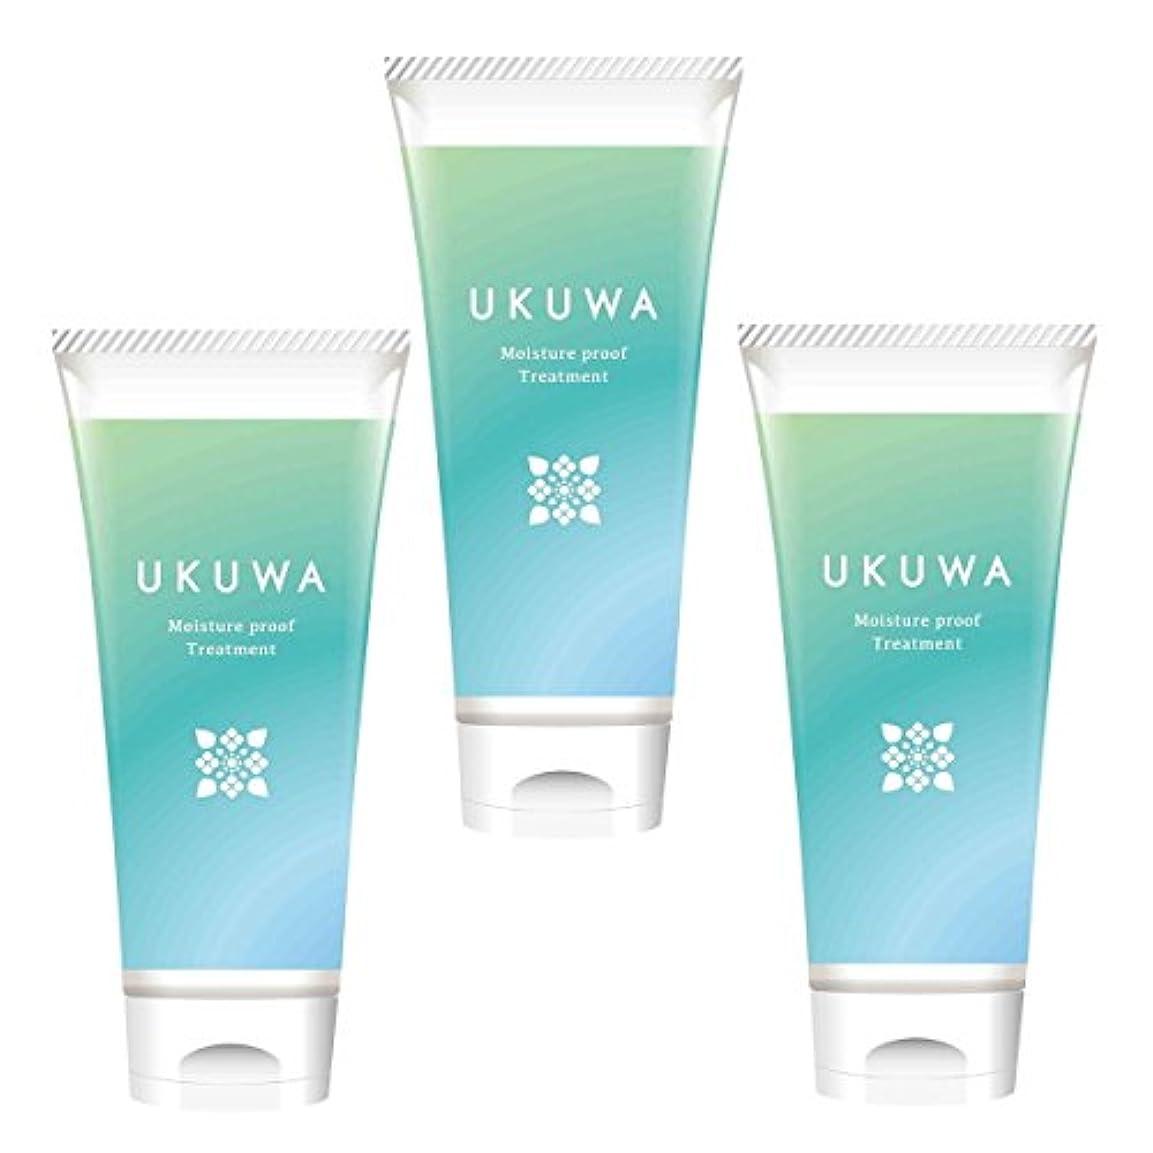 精査する同じキルトディアテック UKUWA(ウクワ)(雨花)モイスチャー プルーフ トリートメント 100g×3本セット